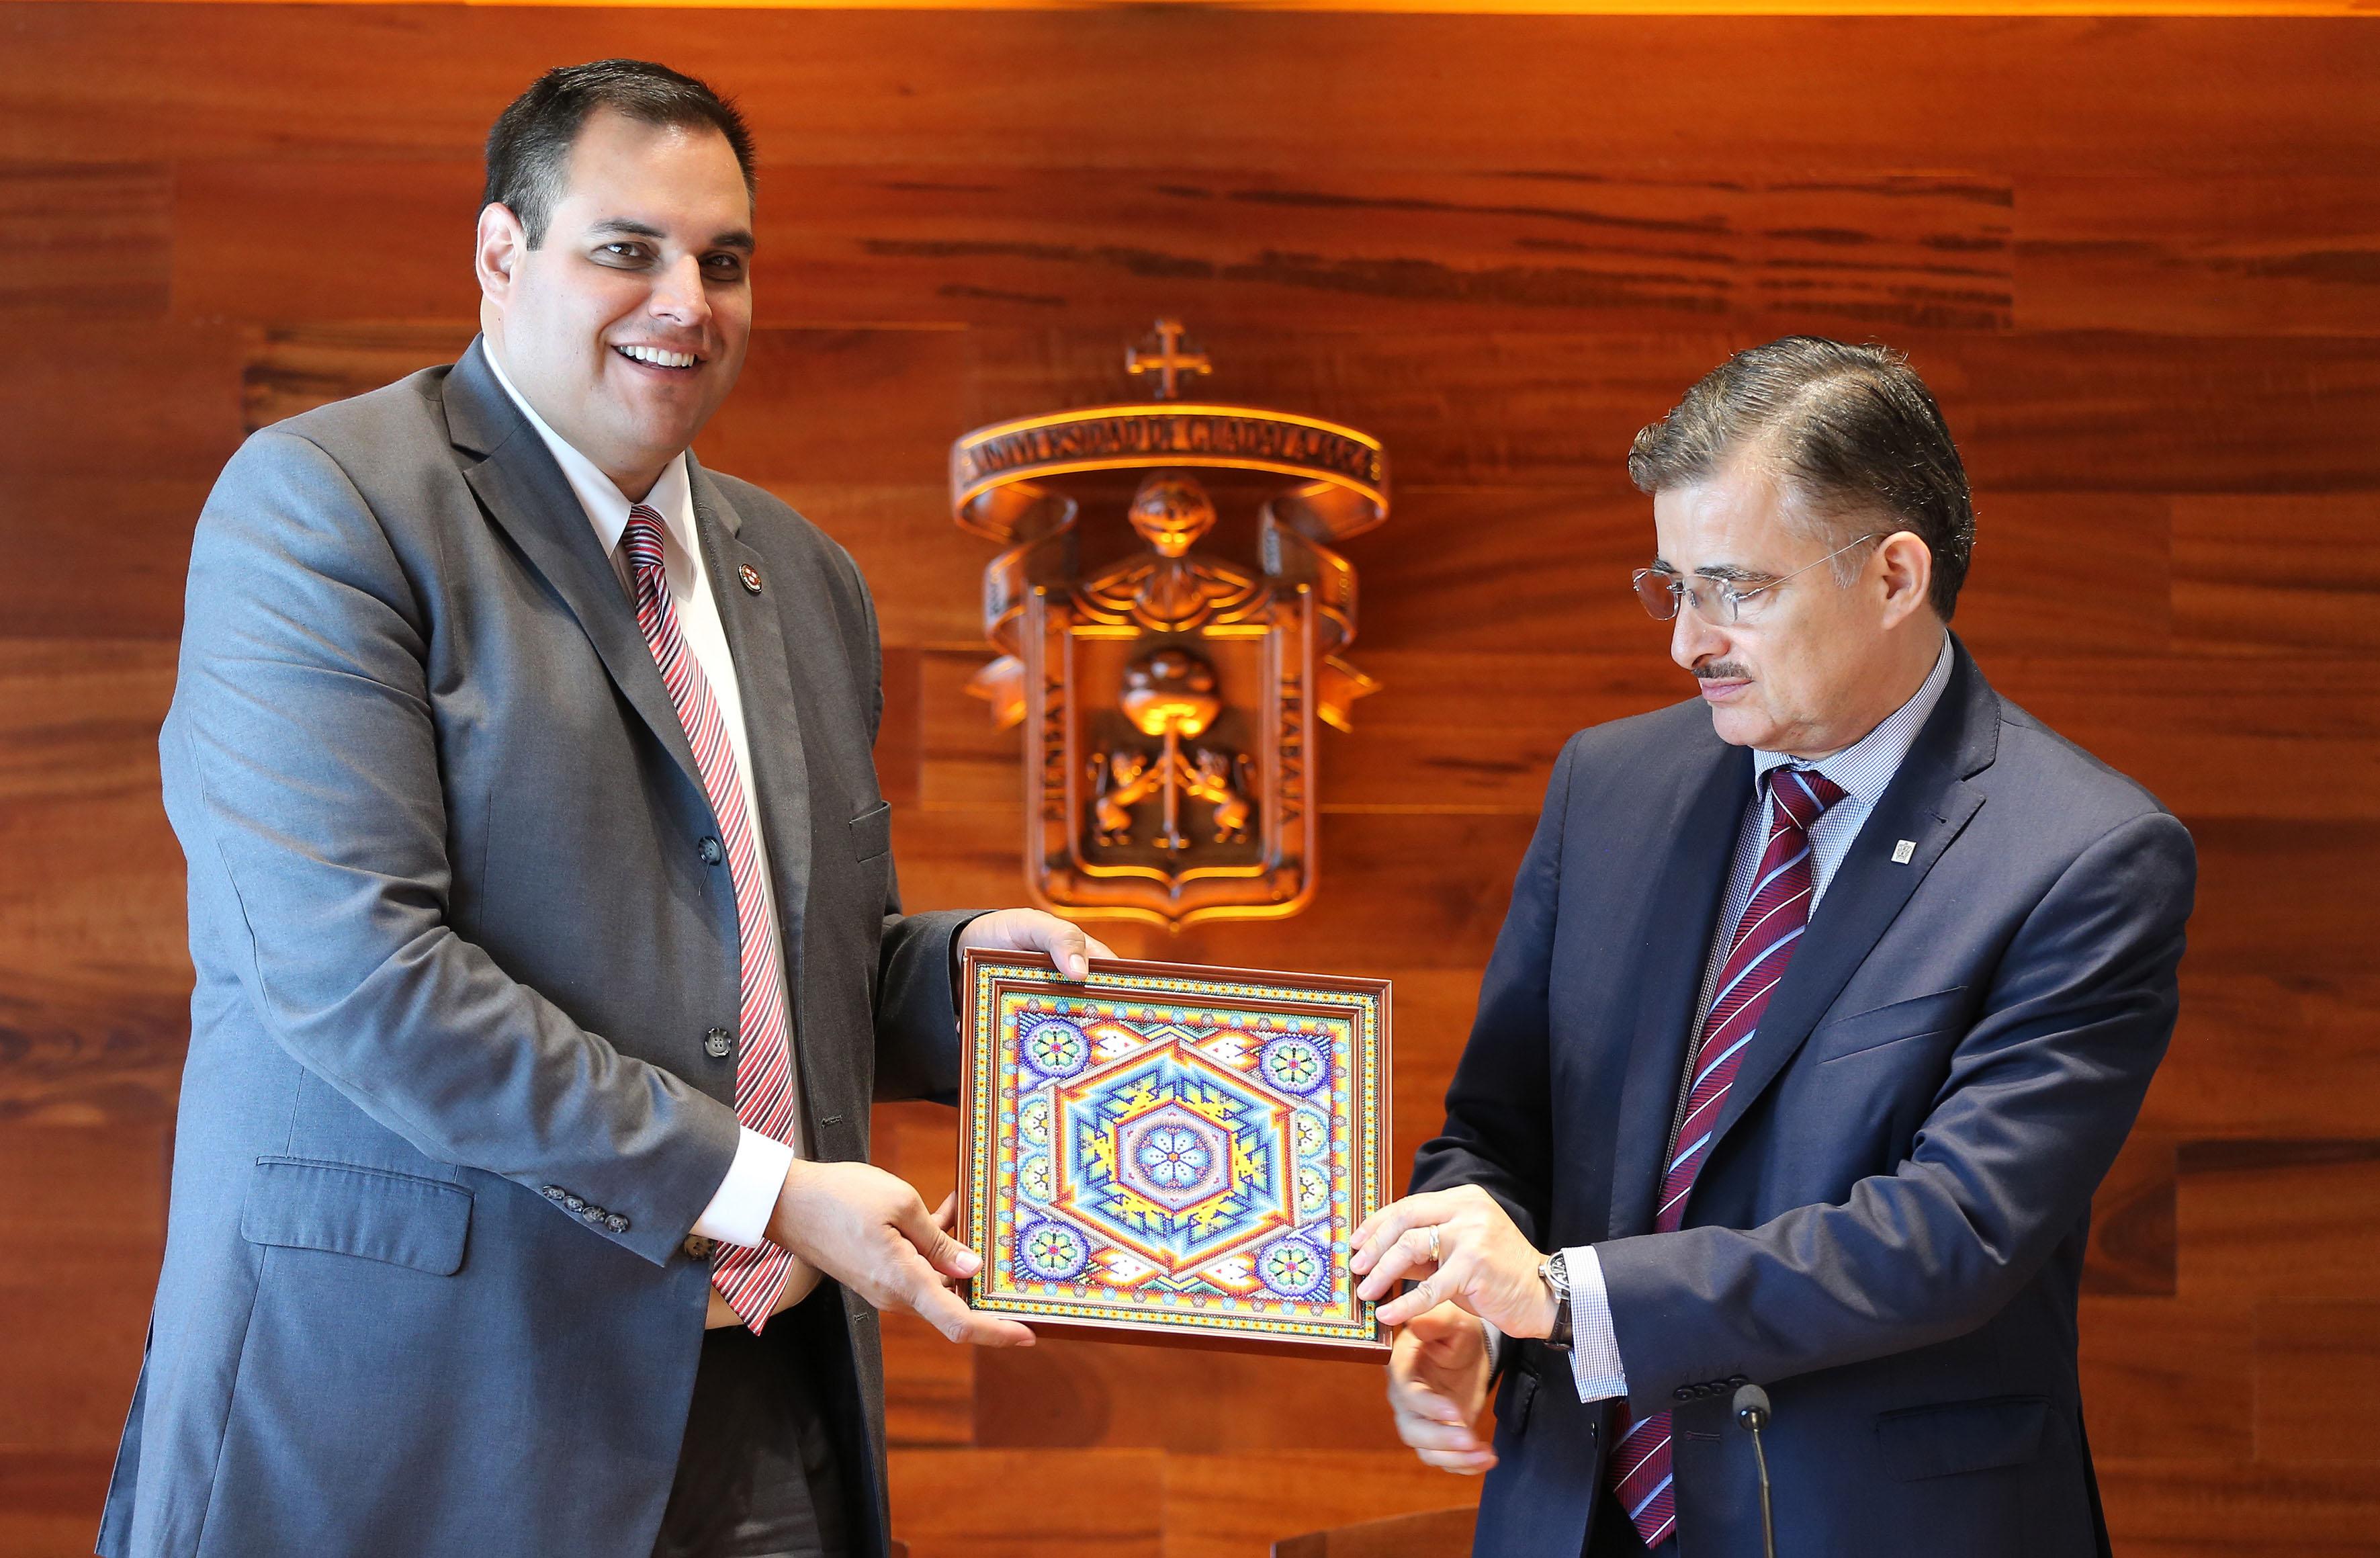 Rector General de la UdeG, maestro Itzcóatl Tonatiuh Bravo Padilla regalandole un presente al  director del Programa de Tecnologías Sostenibles y Salud, de la Universidad de Harvard, doctor Ramón Sánchez Piña